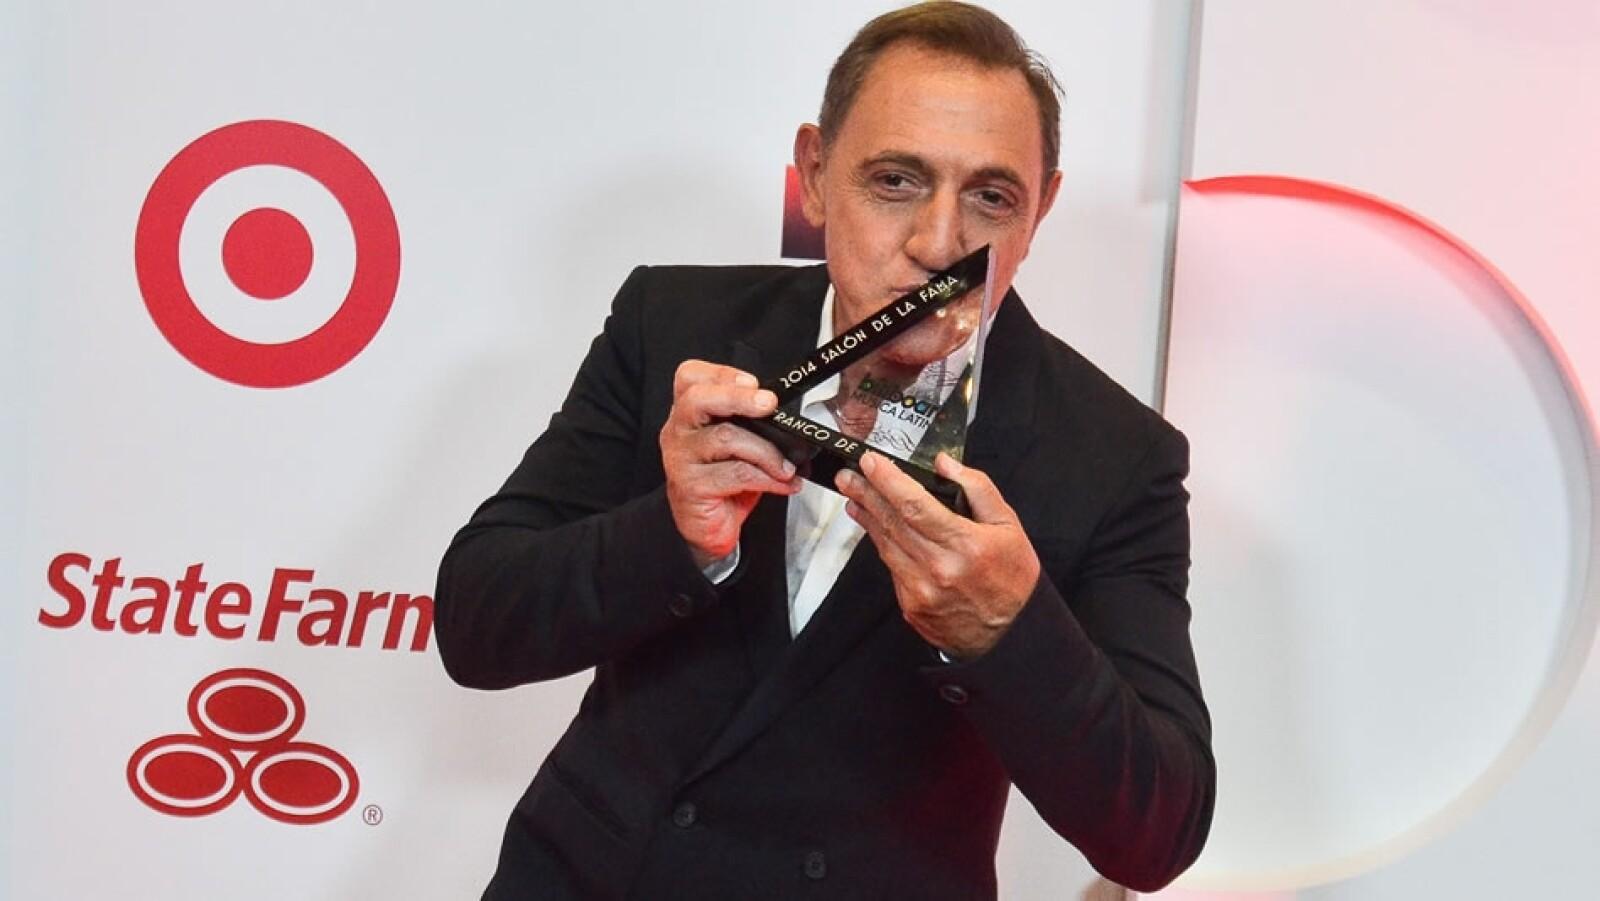 El cantautor venezolano Franco de Vita recibió el premio Salón de la Fama por su carrera de más de tres décadas